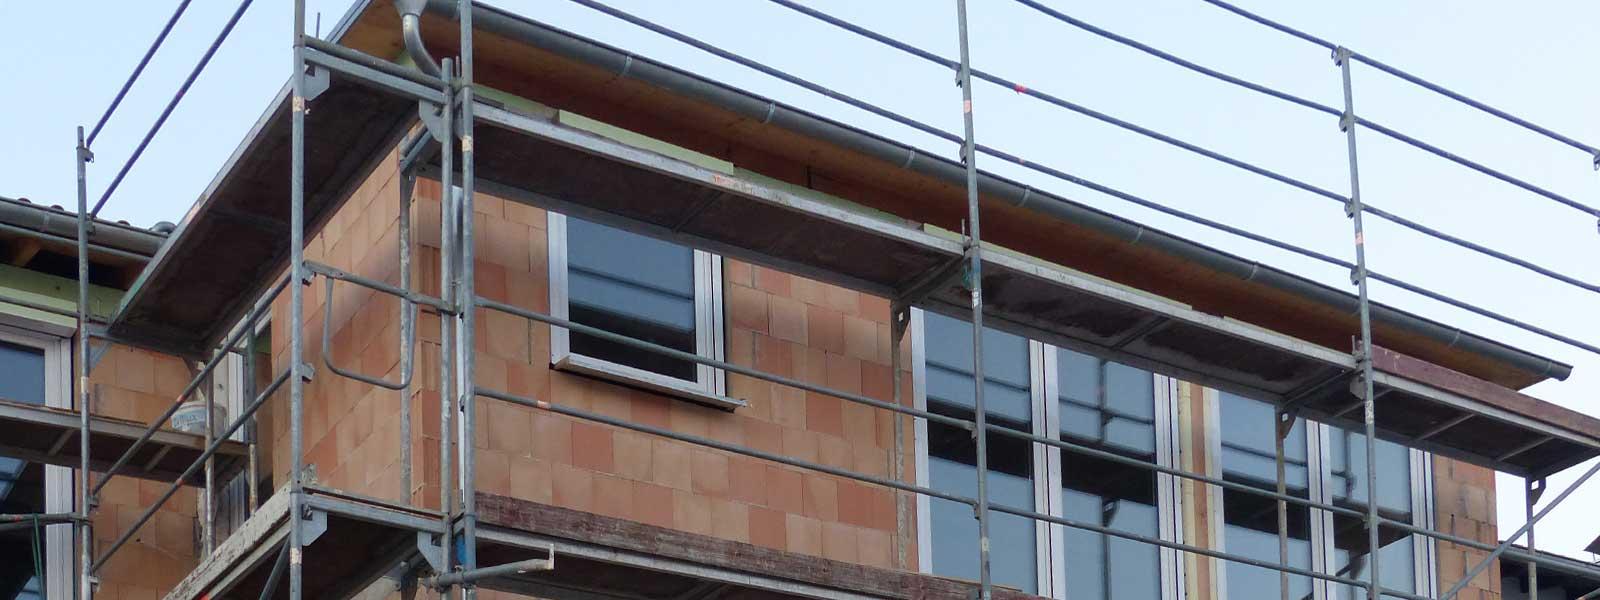 Bauwerk Bobingen, Karriere